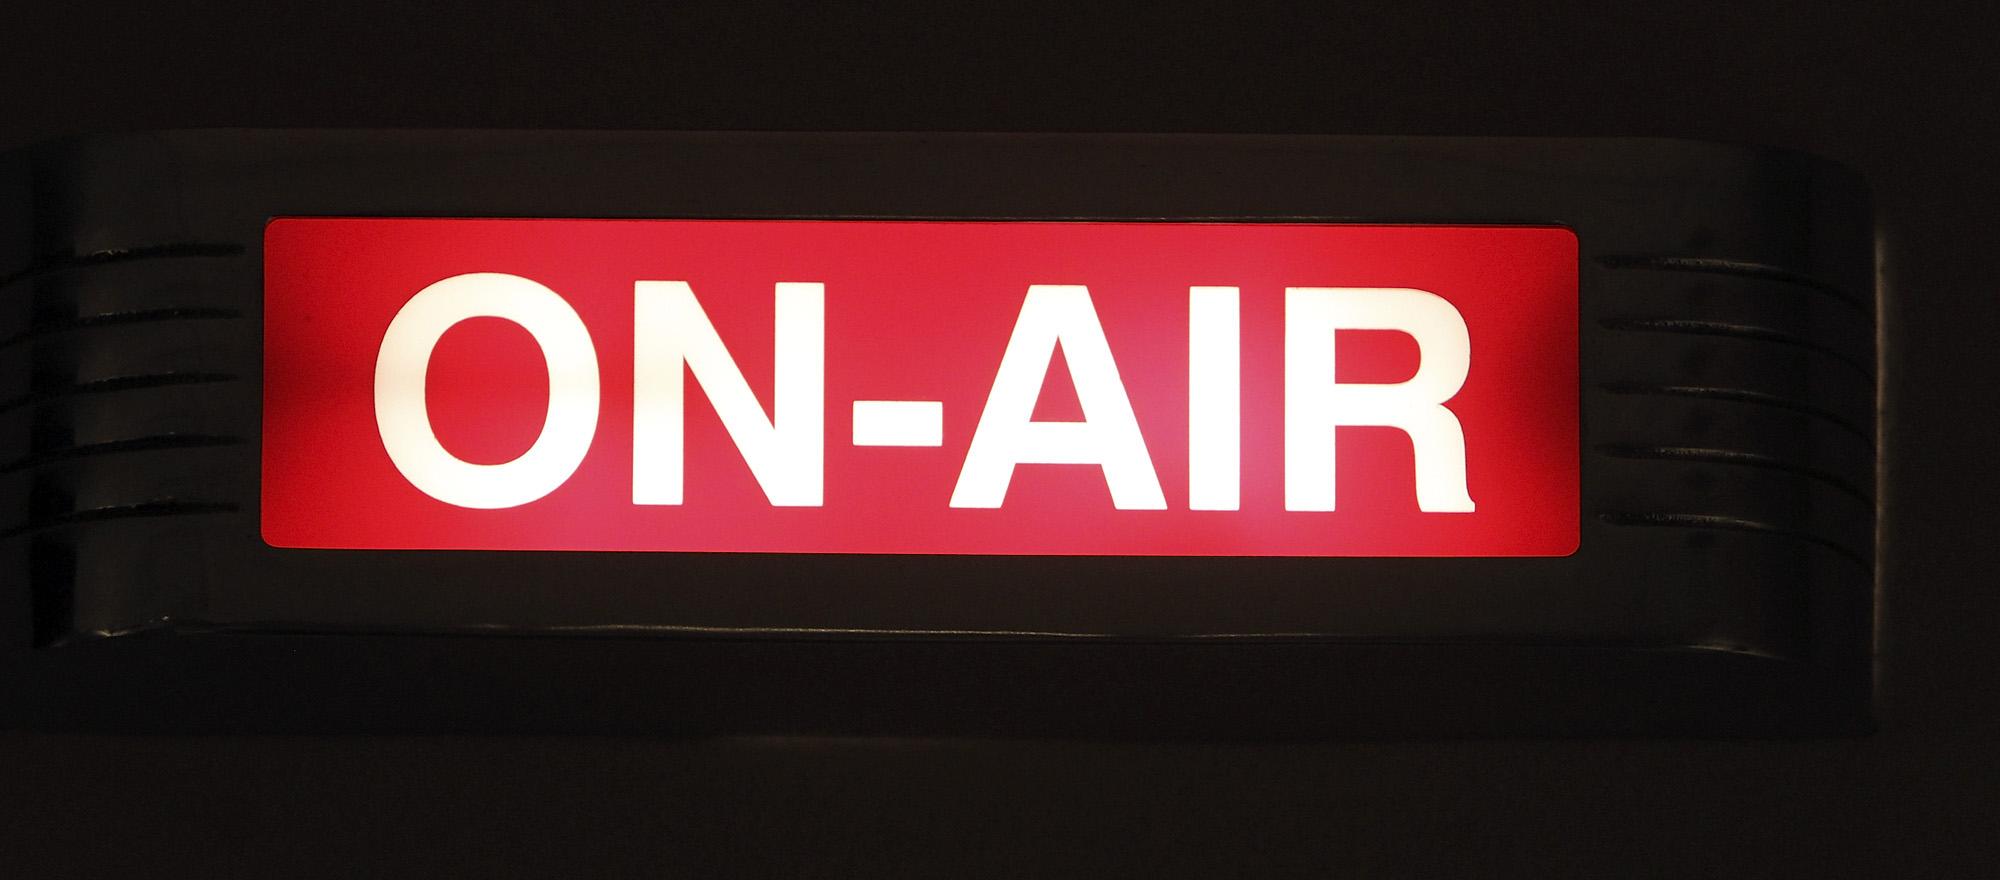 TV-radio listings: Jan. 17